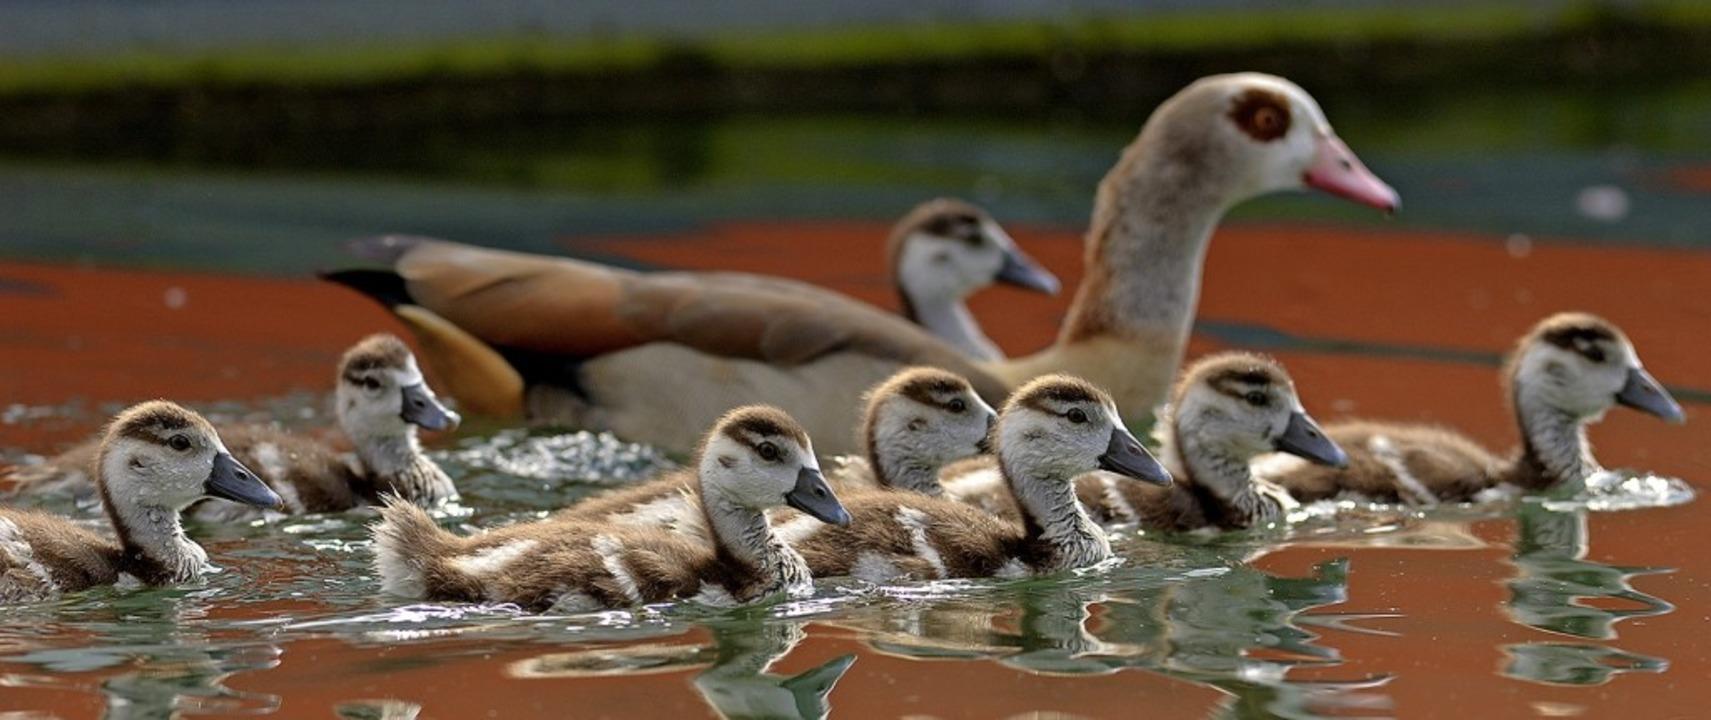 Eine Familie von Nilgänsen bei Weil am Rhein    | Foto: Raimund Kagerer